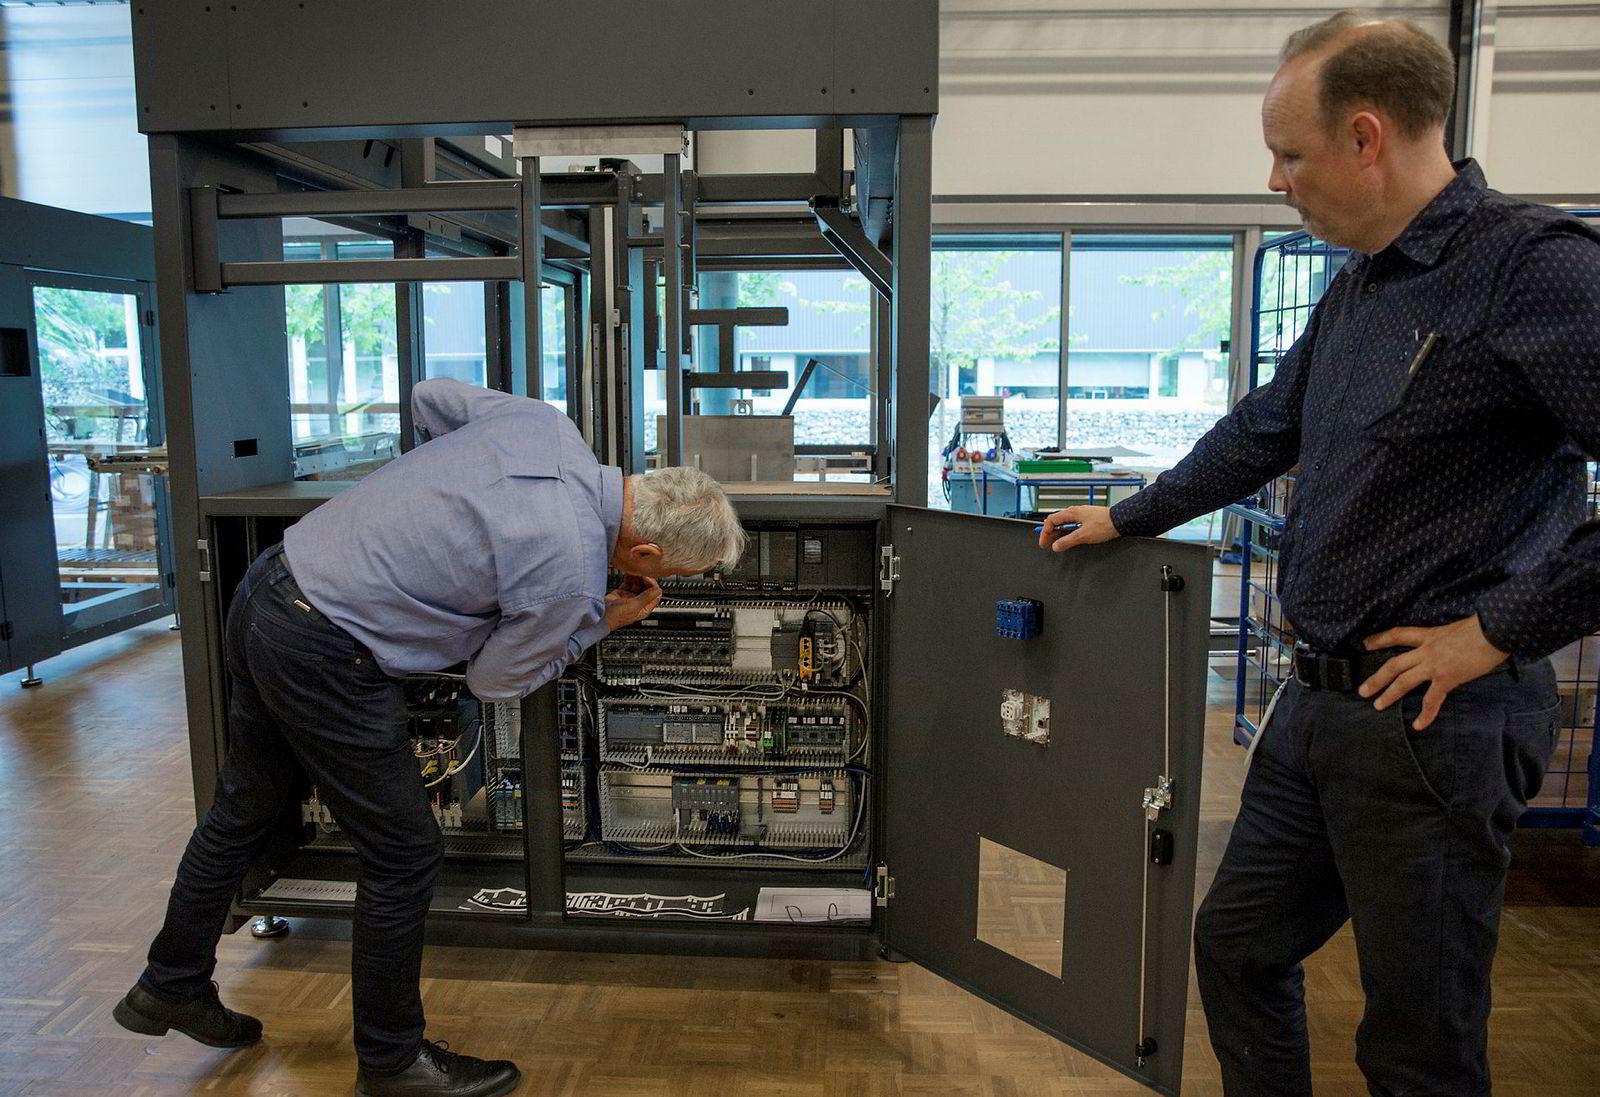 – Det kommer mer Siemens-teknologi her, sier Ola Tronrud, mens han bøyer seg ned for å sjekke hvor langt gutta i pakkeavdelingen er kommet i monteringen.